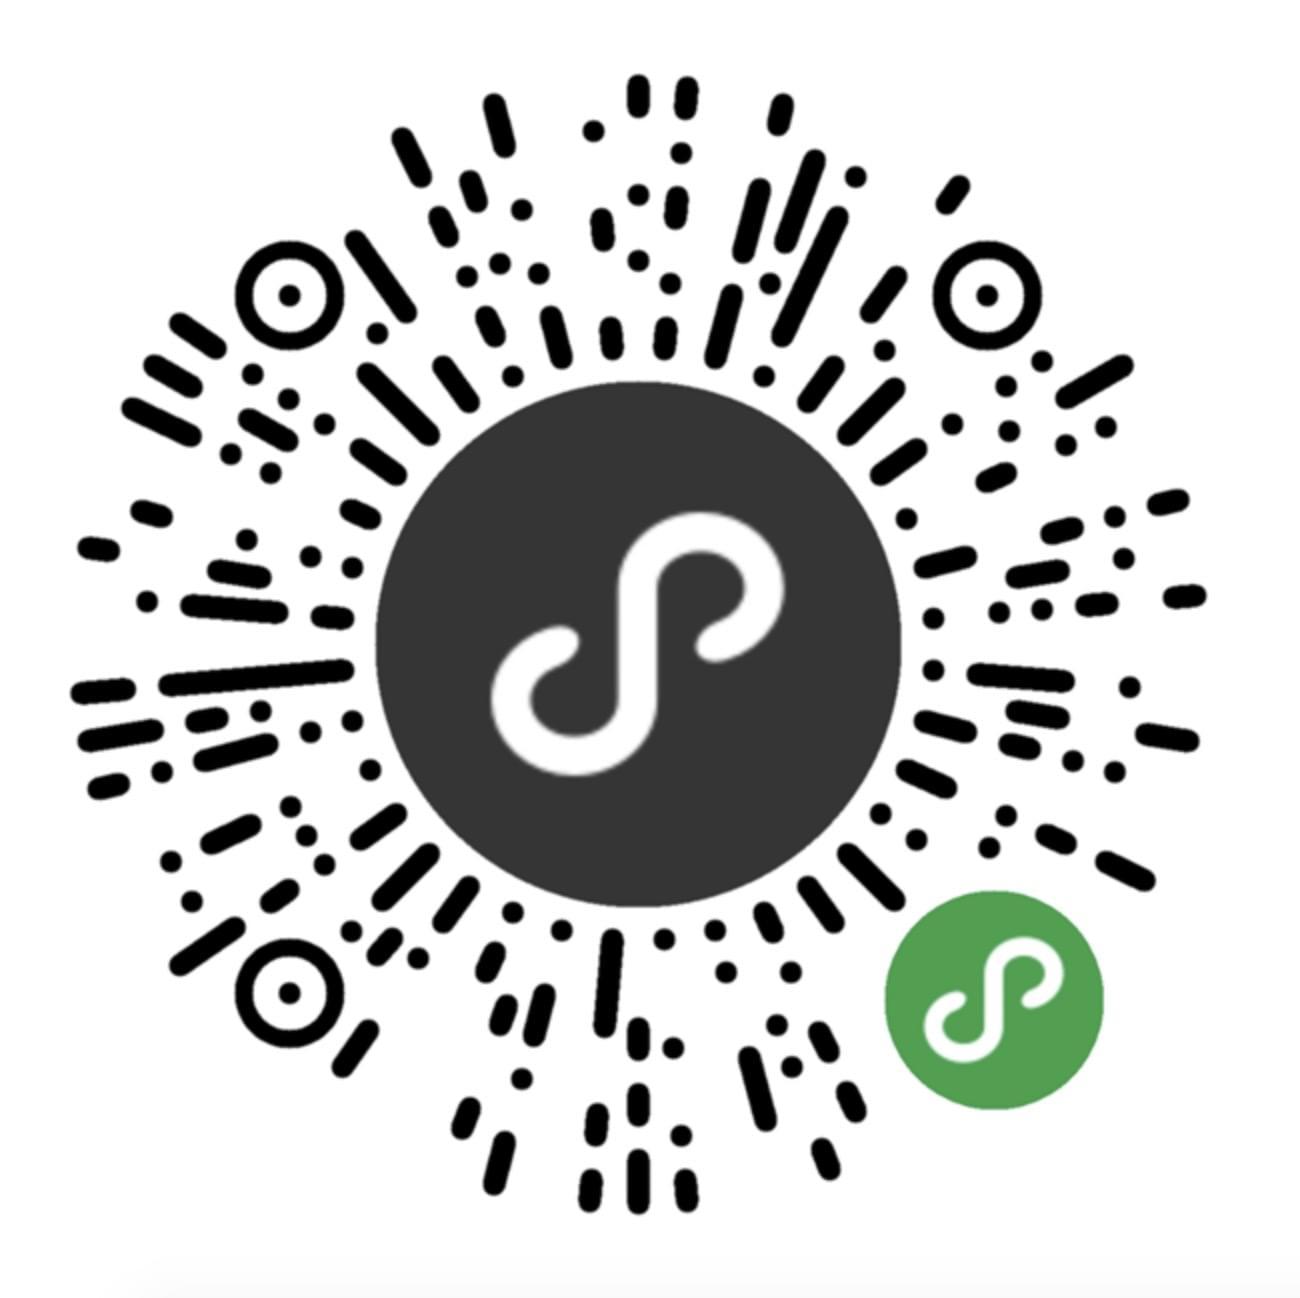 logo logo 标志 设计 矢量 矢量图 素材 图标 1300_1298